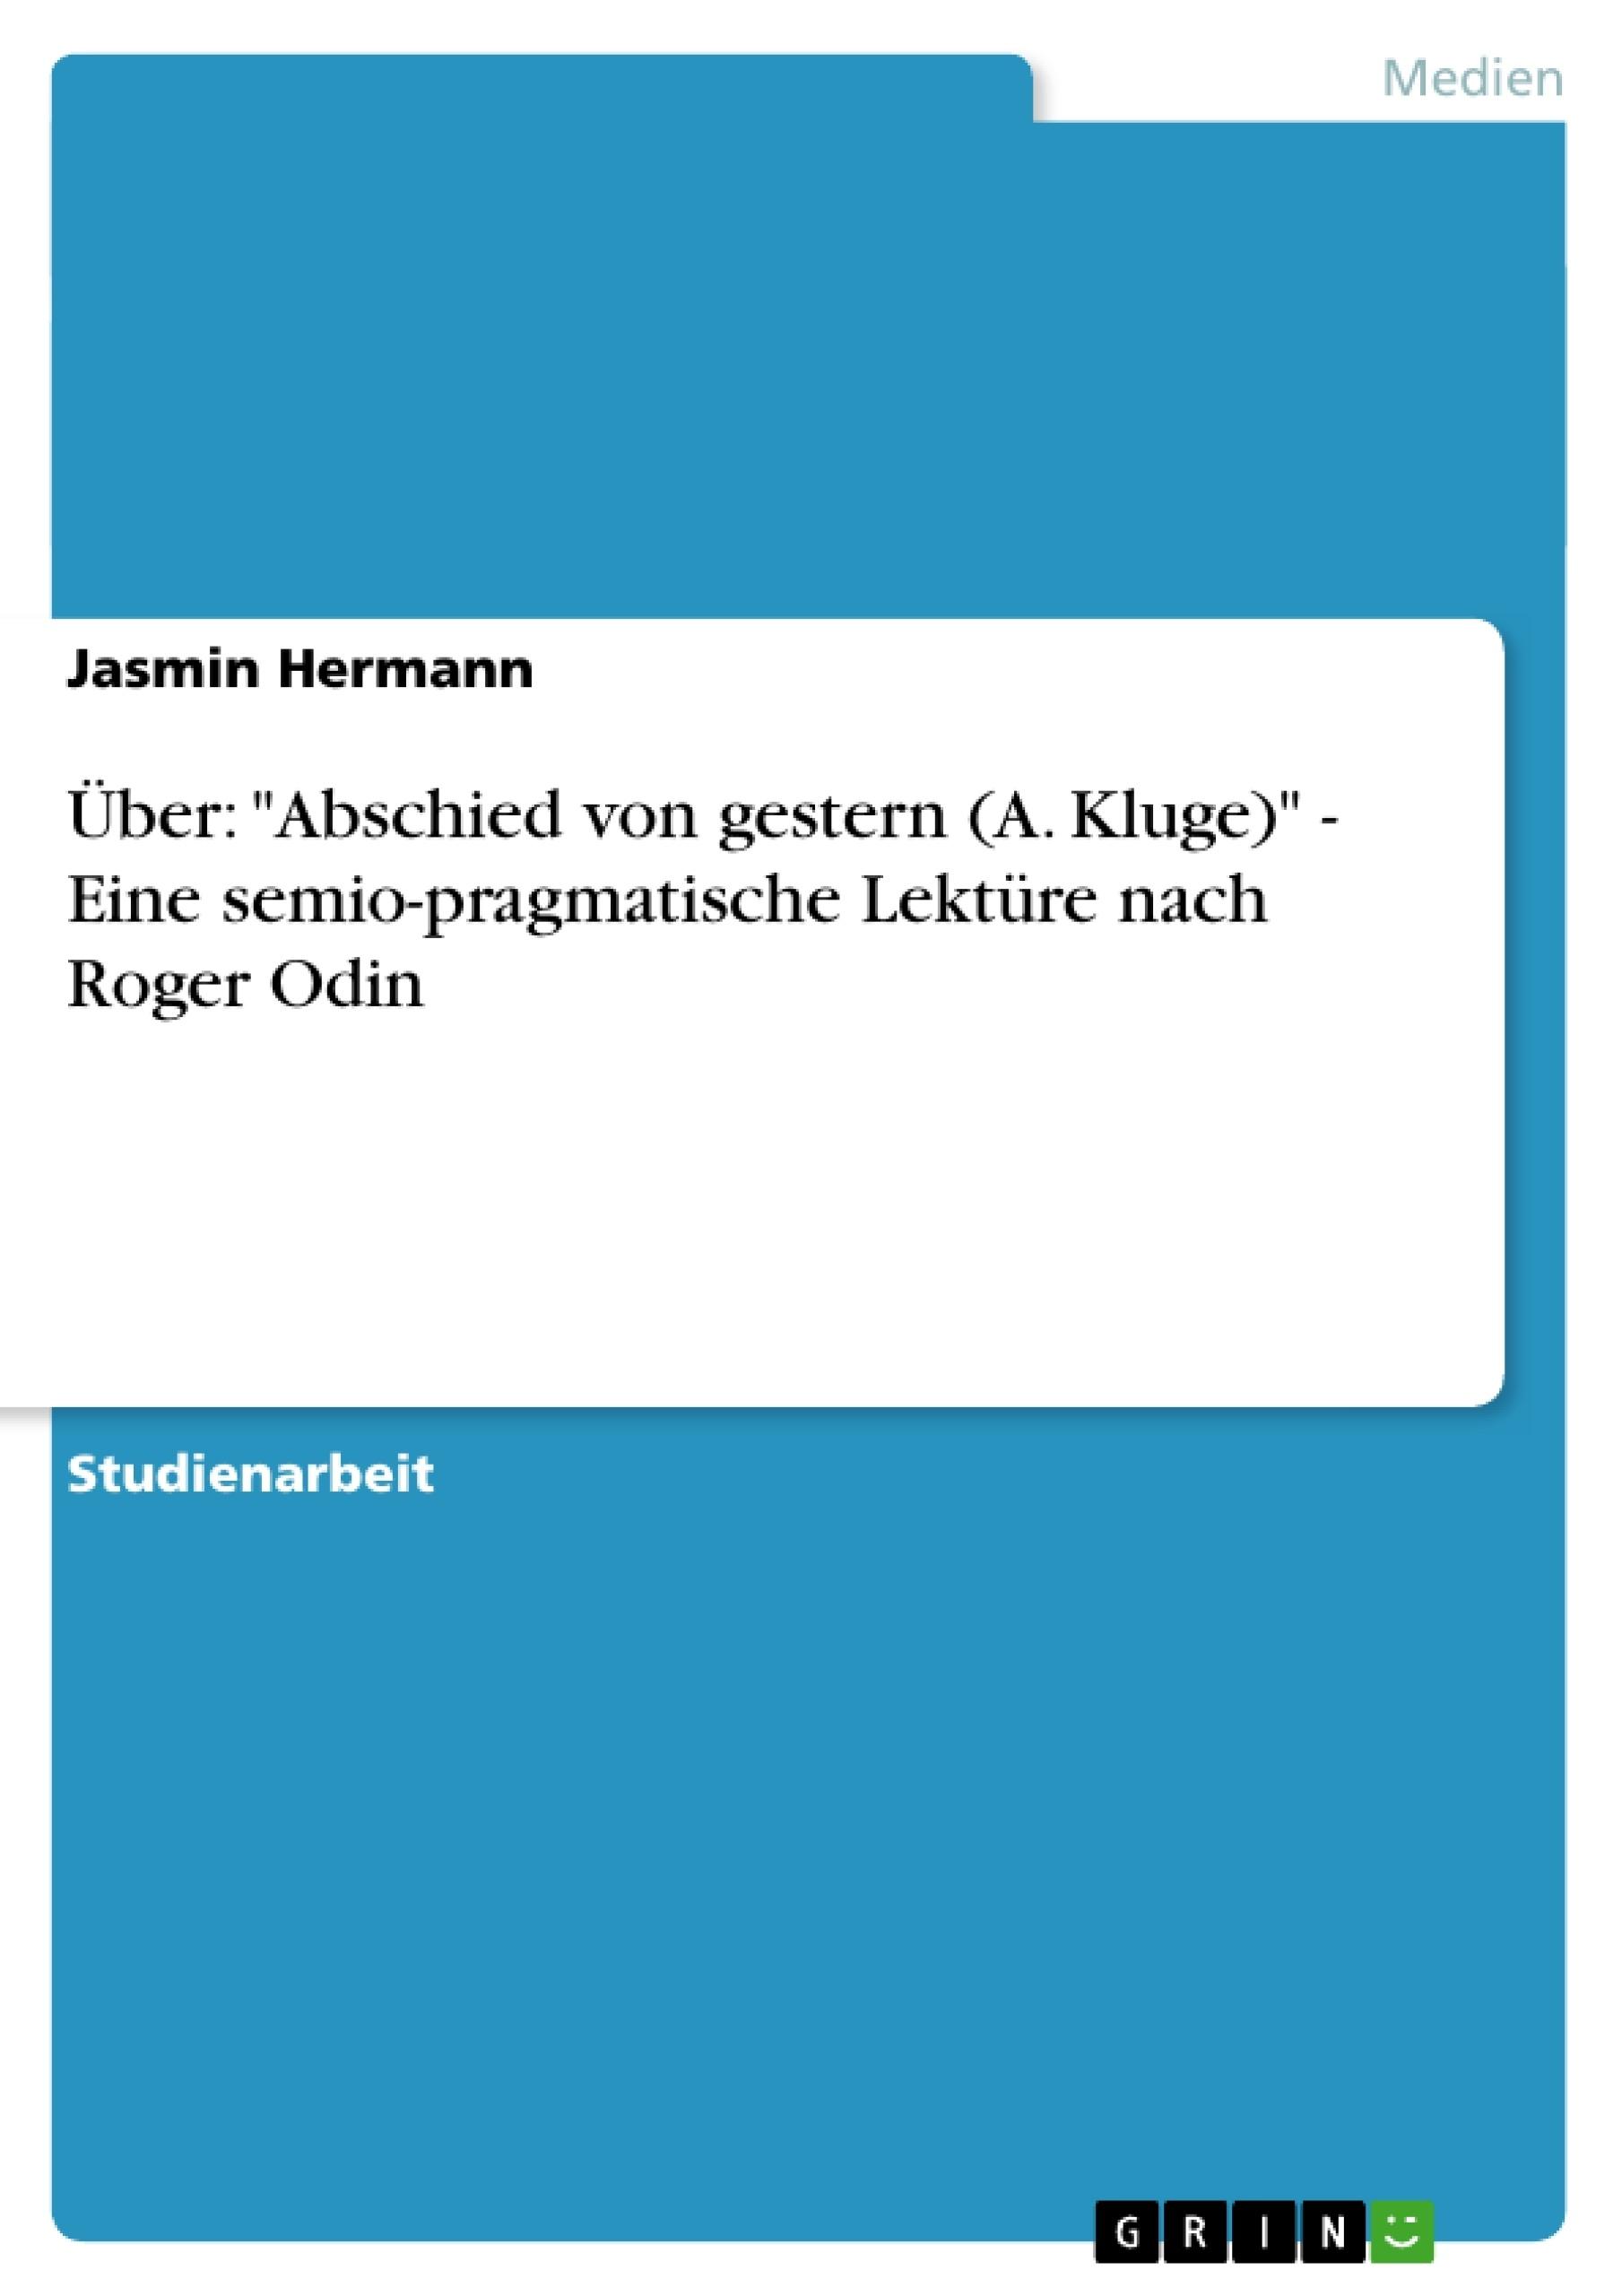 """Titel: Über: """"Abschied von gestern (A. Kluge)"""" - Eine semio-pragmatische Lektüre nach Roger Odin"""